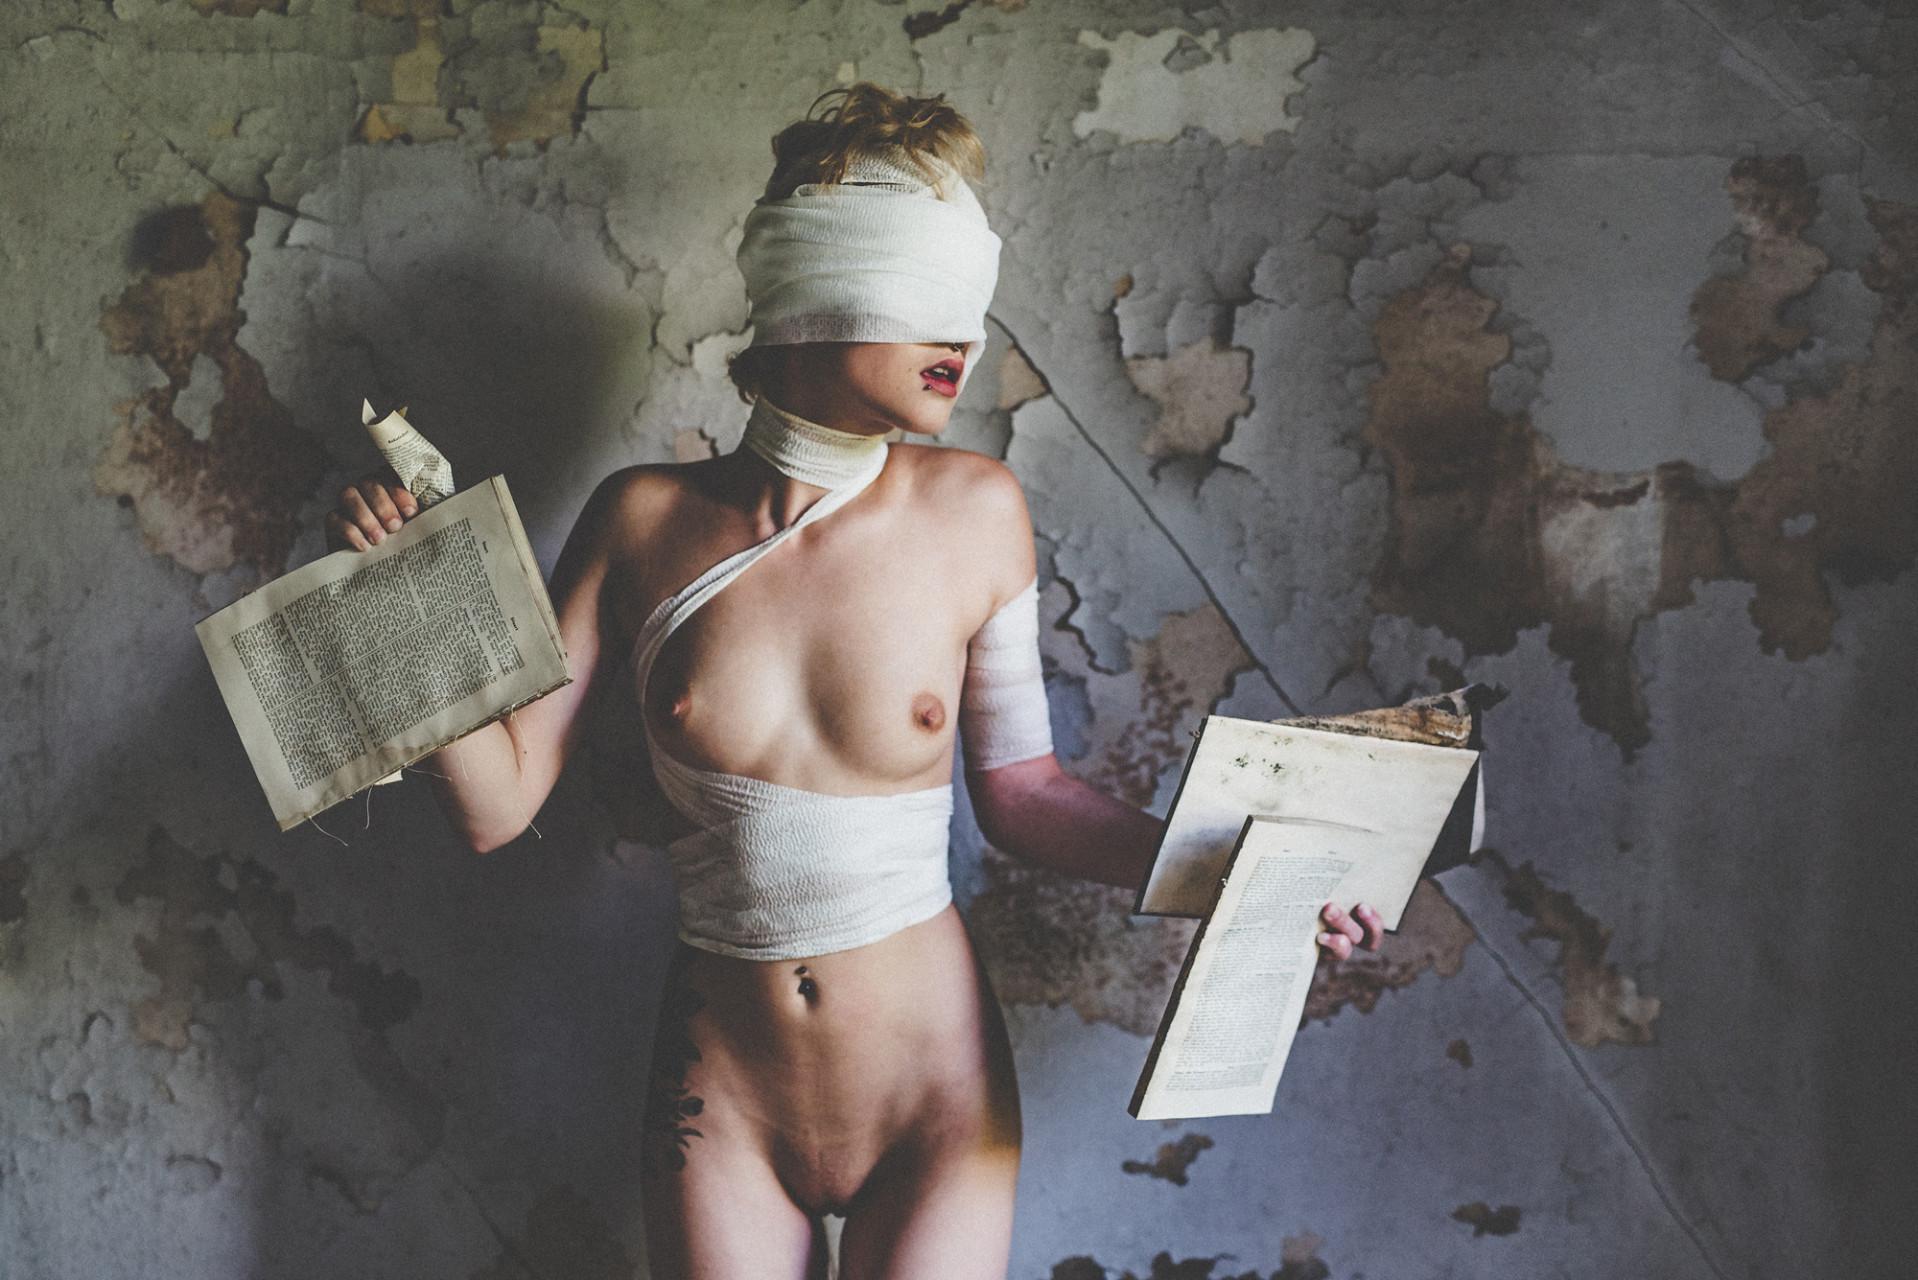 021-Bandaged